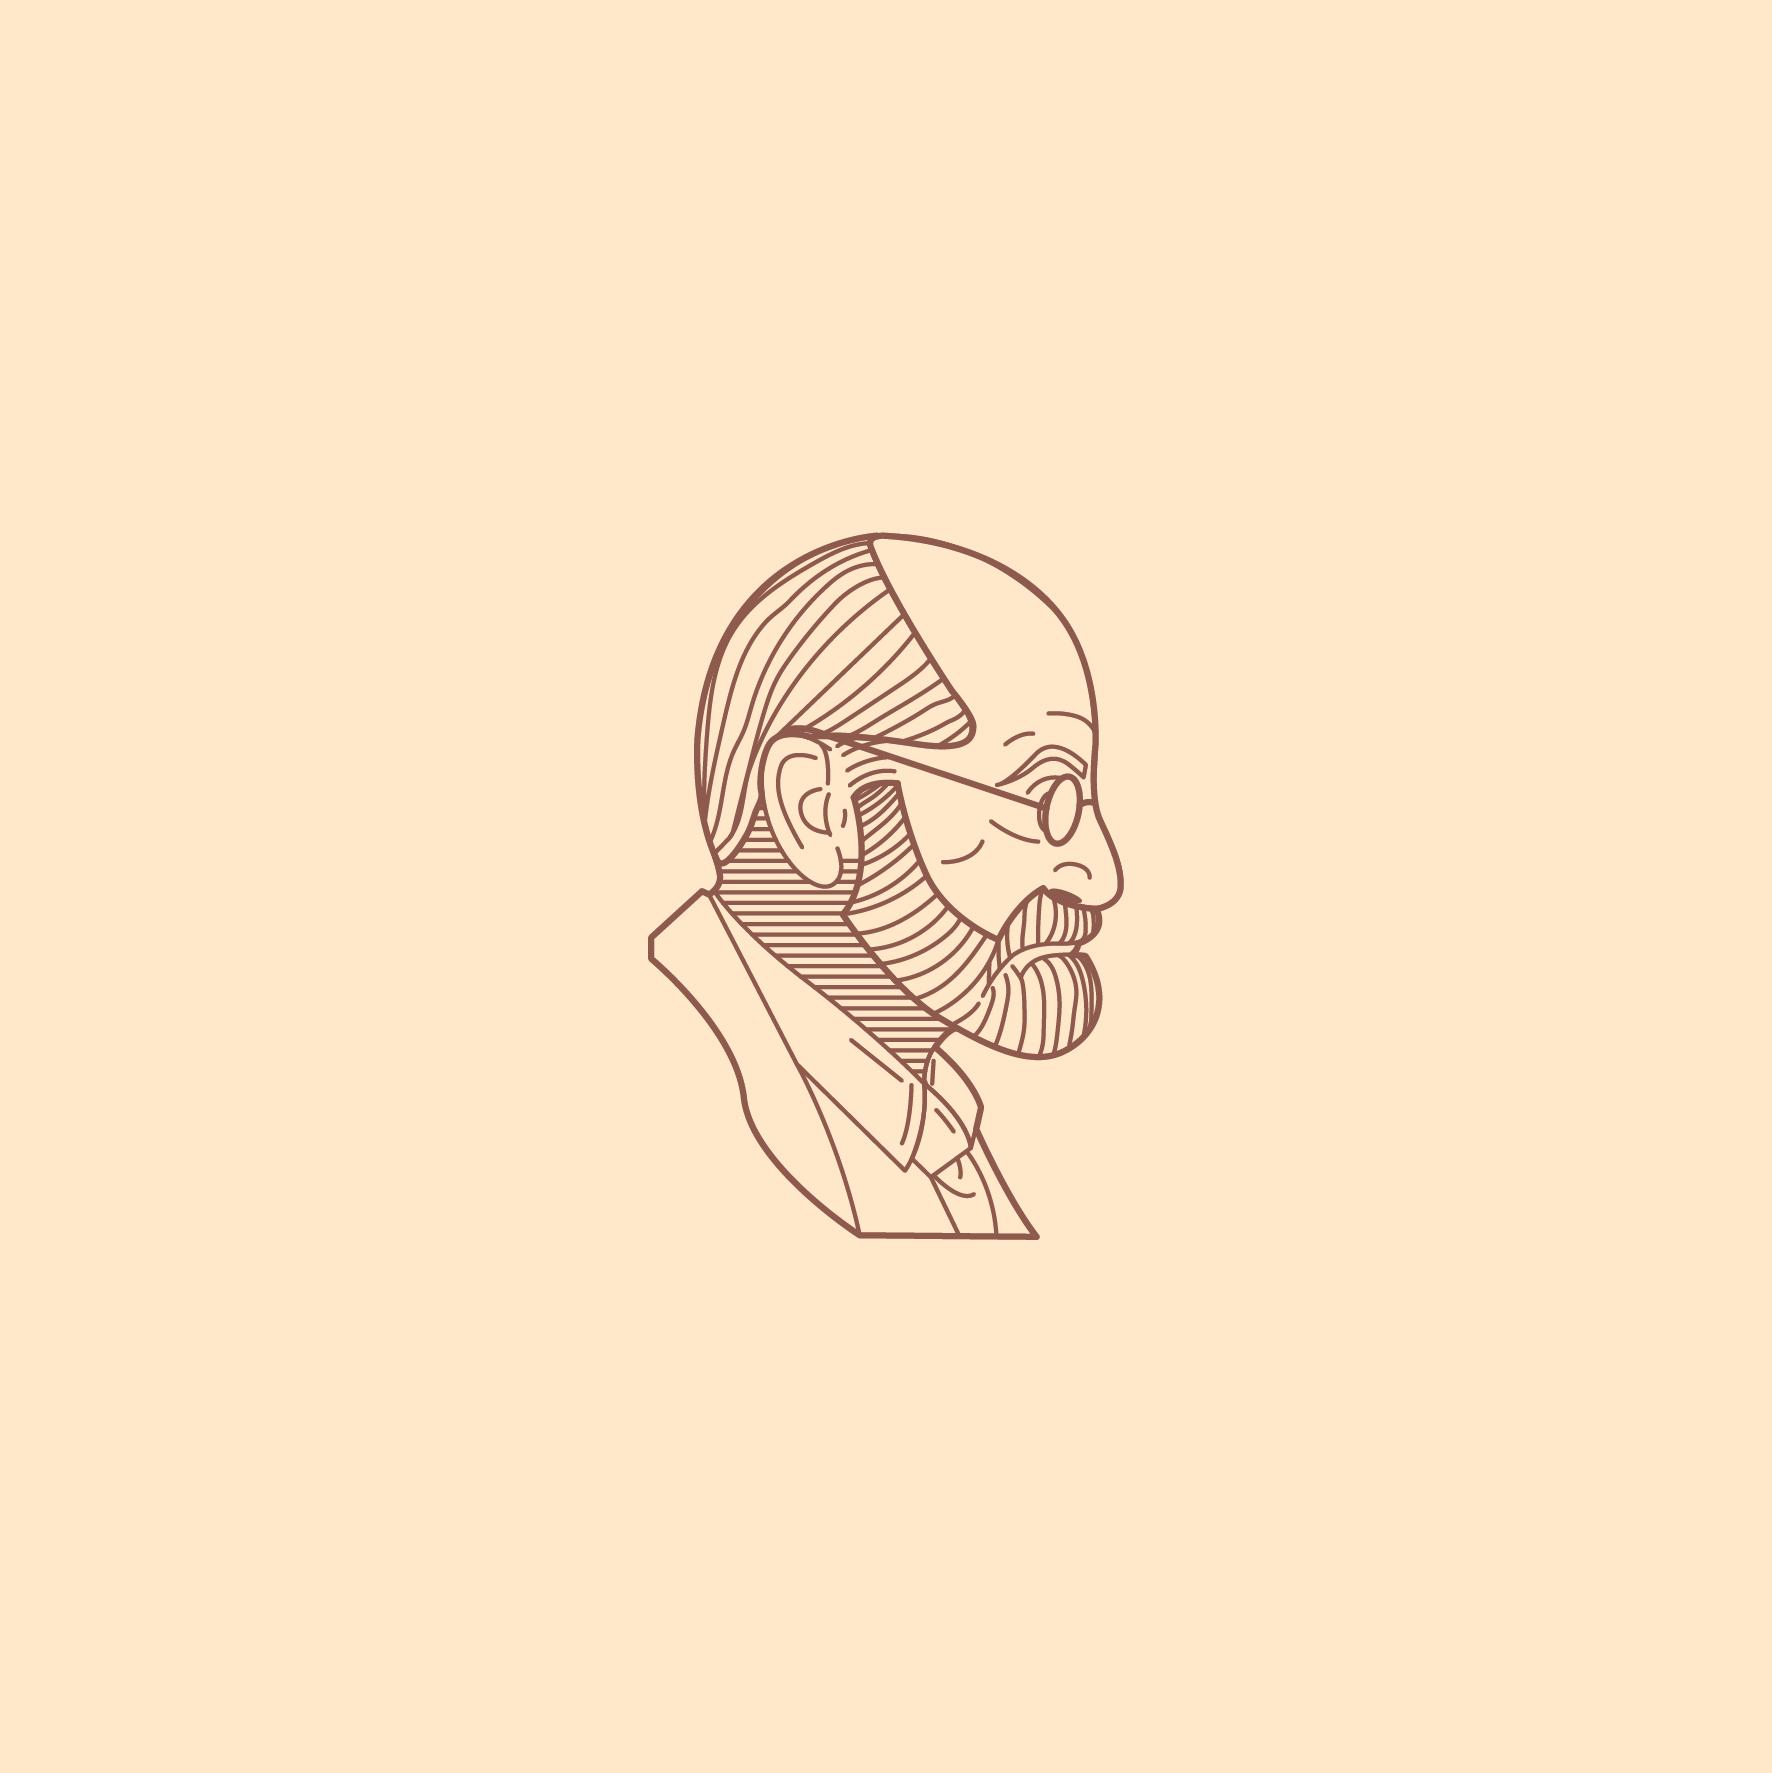 Freud_Retratos em Linhas www.gustavoestevao.com.br